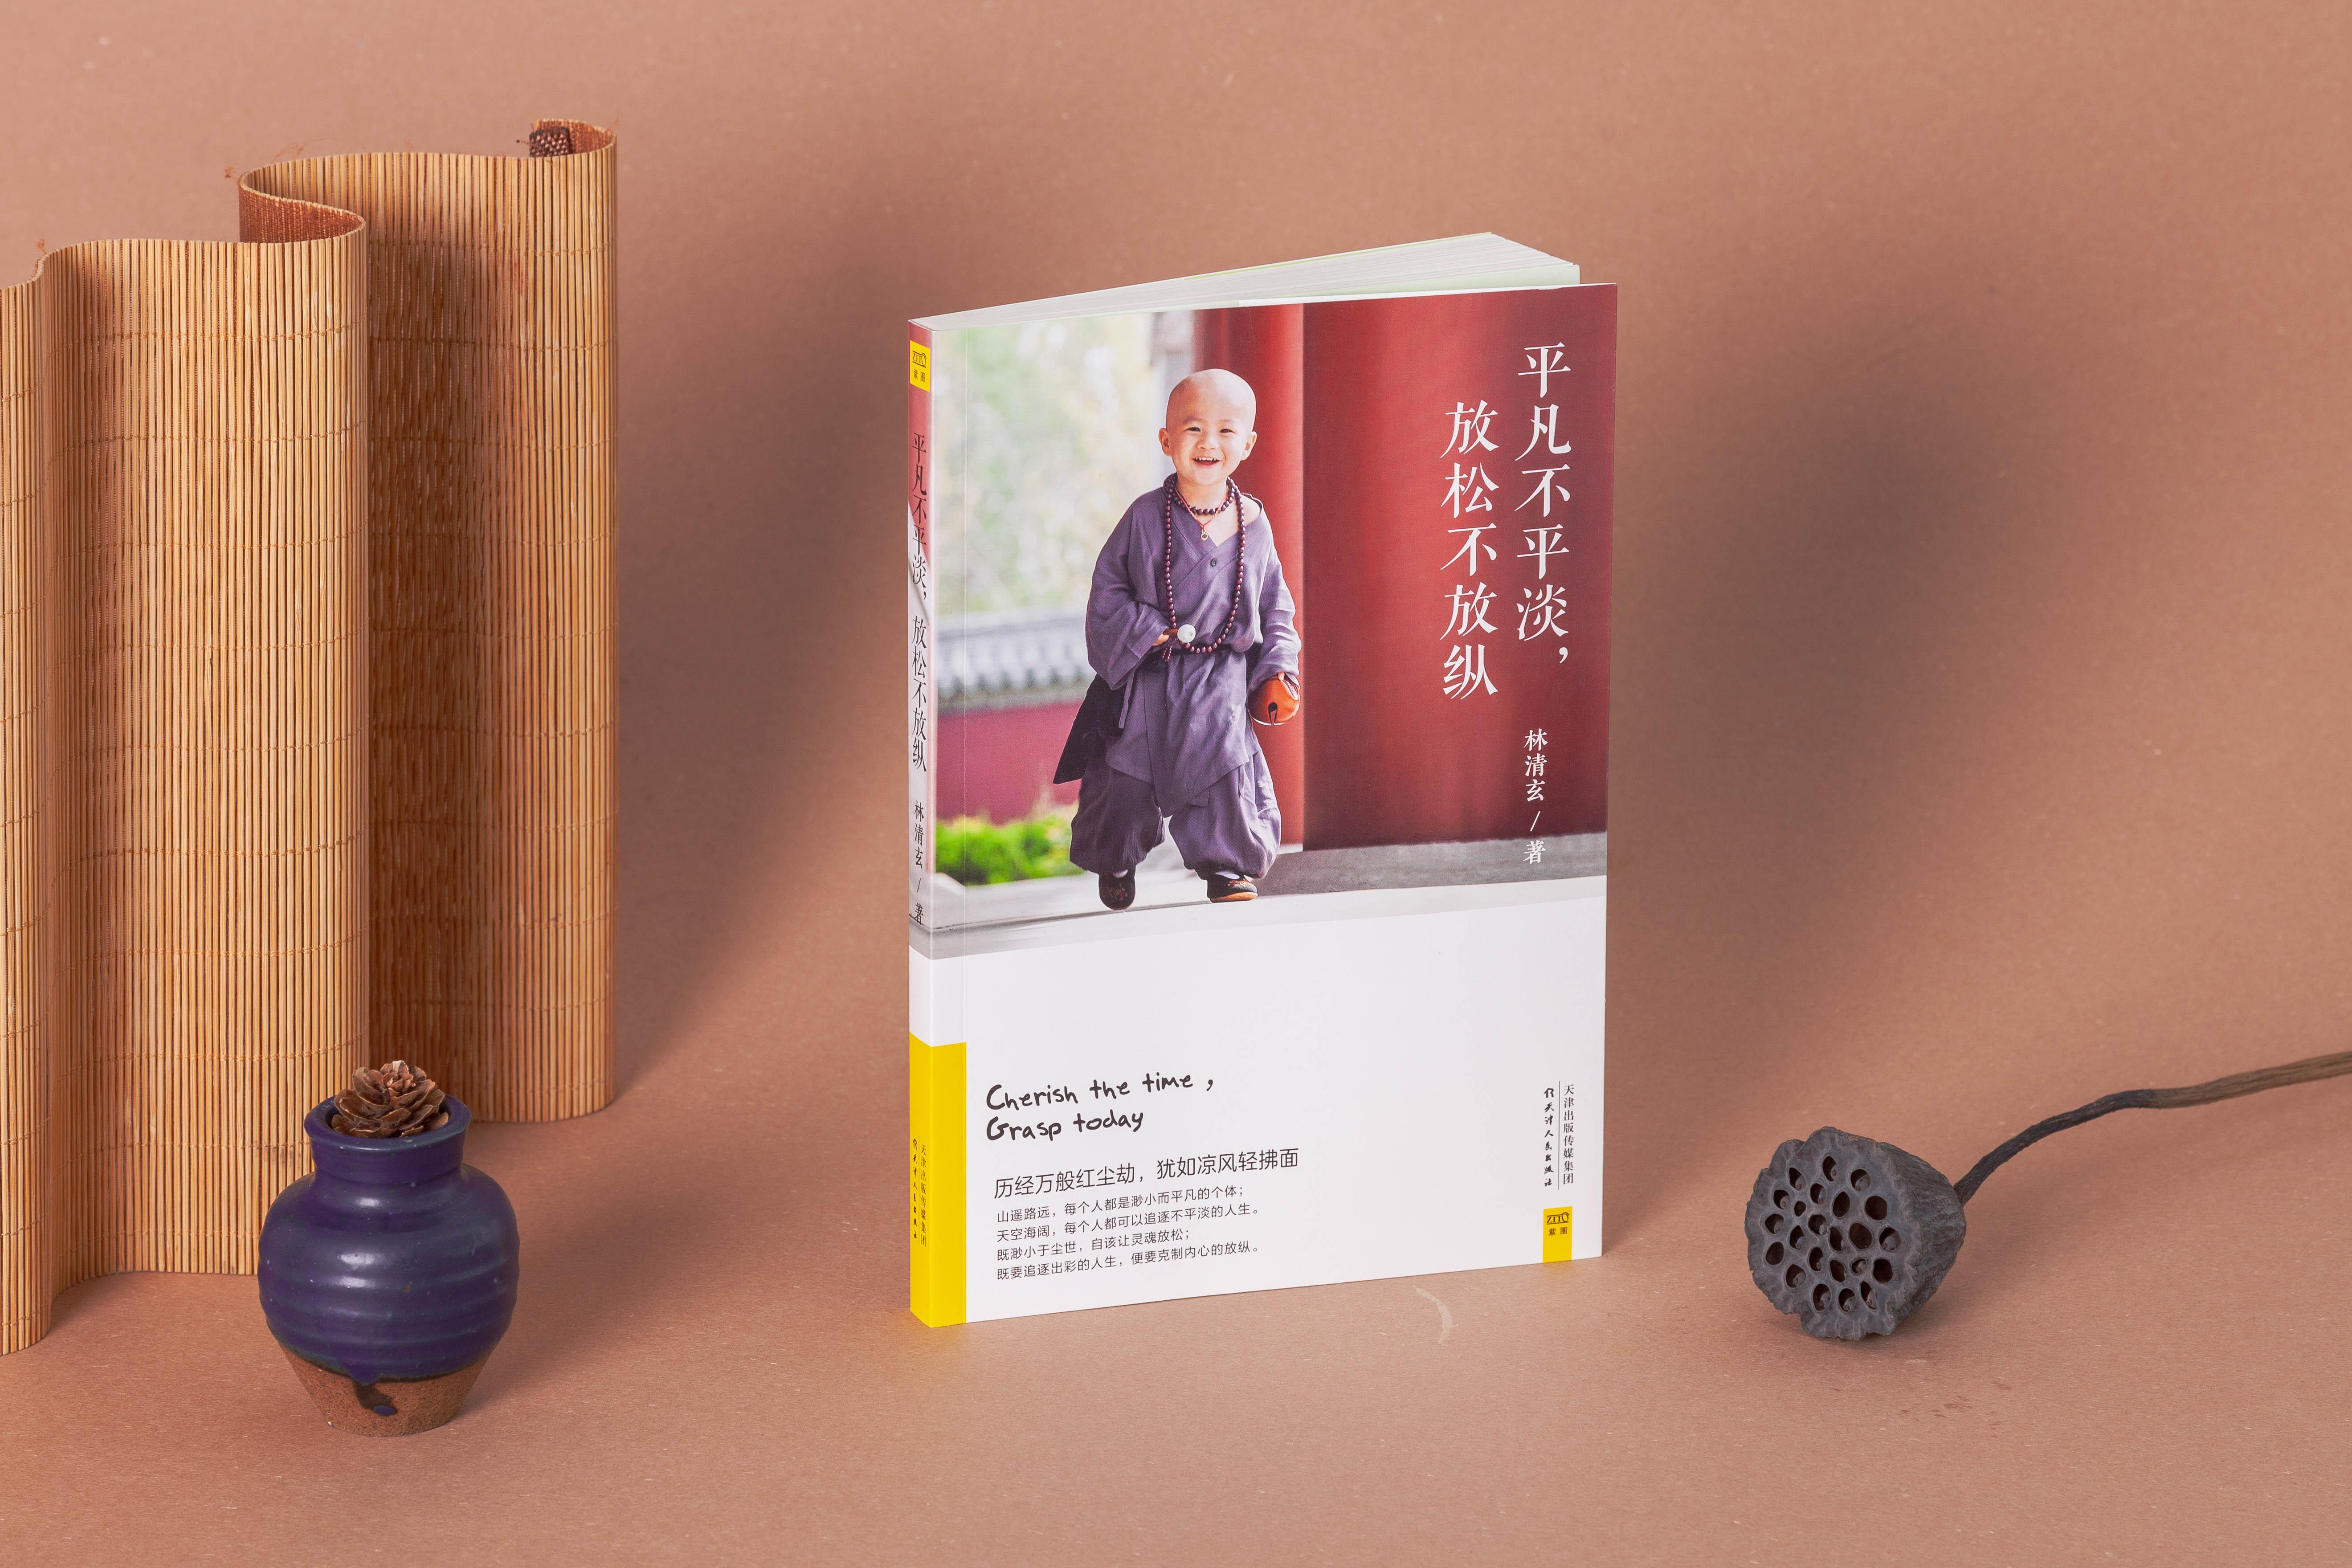 《平凡不平淡,放松不放纵》丨林清玄先生首部以自律为主题的散文集 商品图4